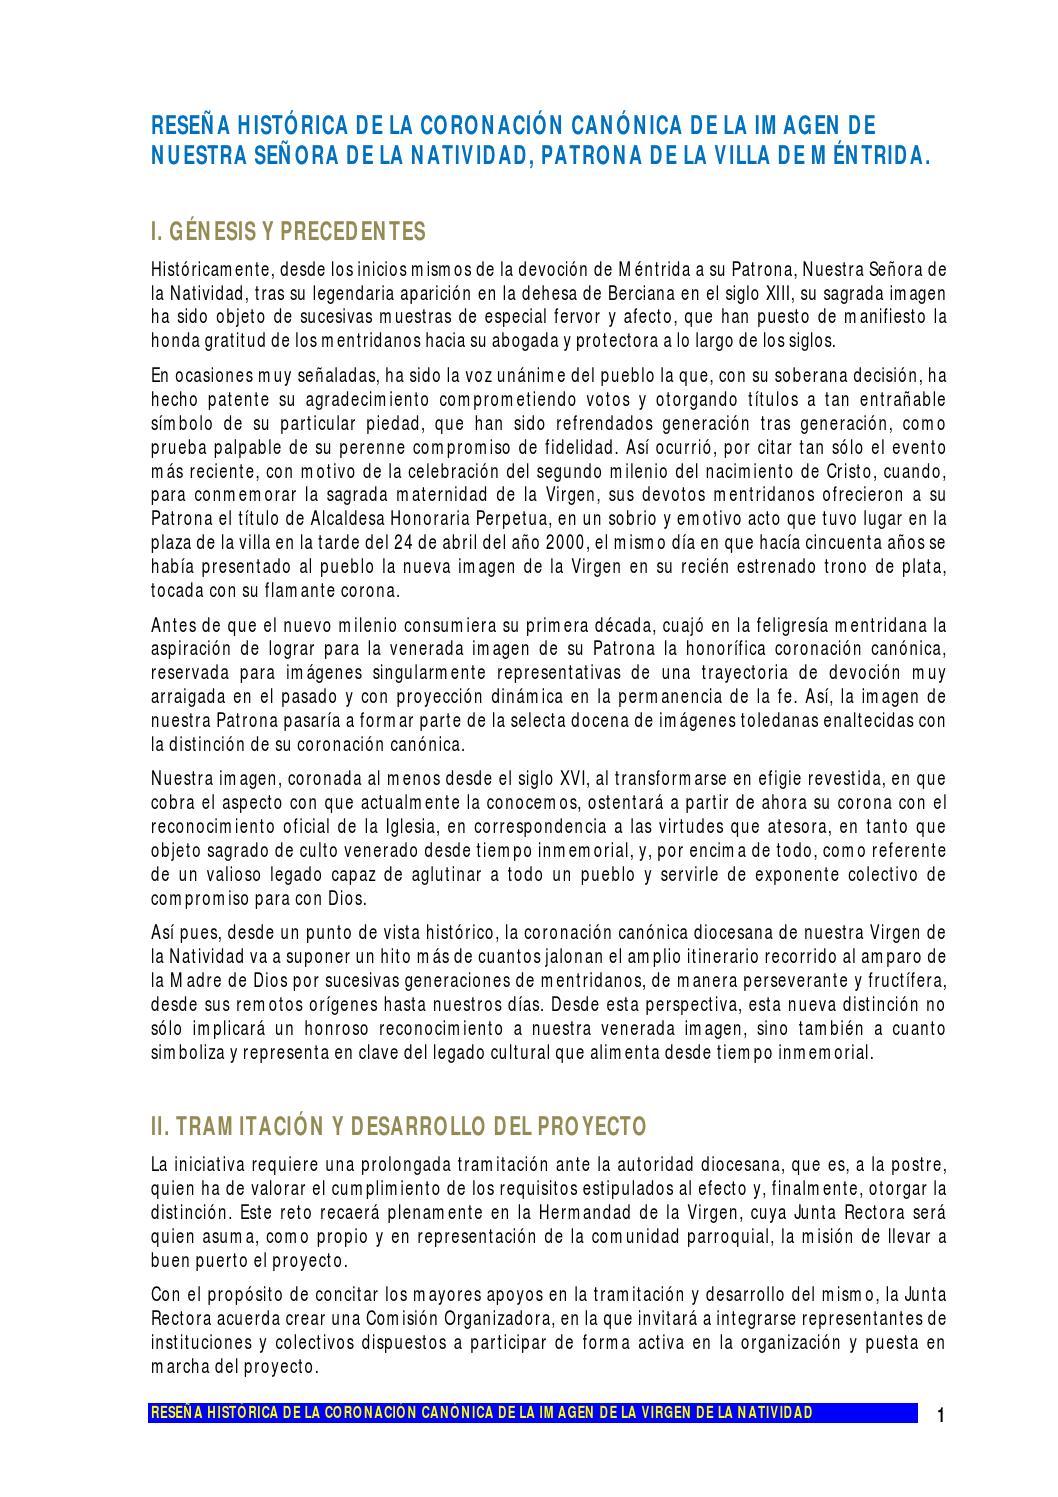 Reseña historica de la coronacion canonica by Rafael Paloma - issuu